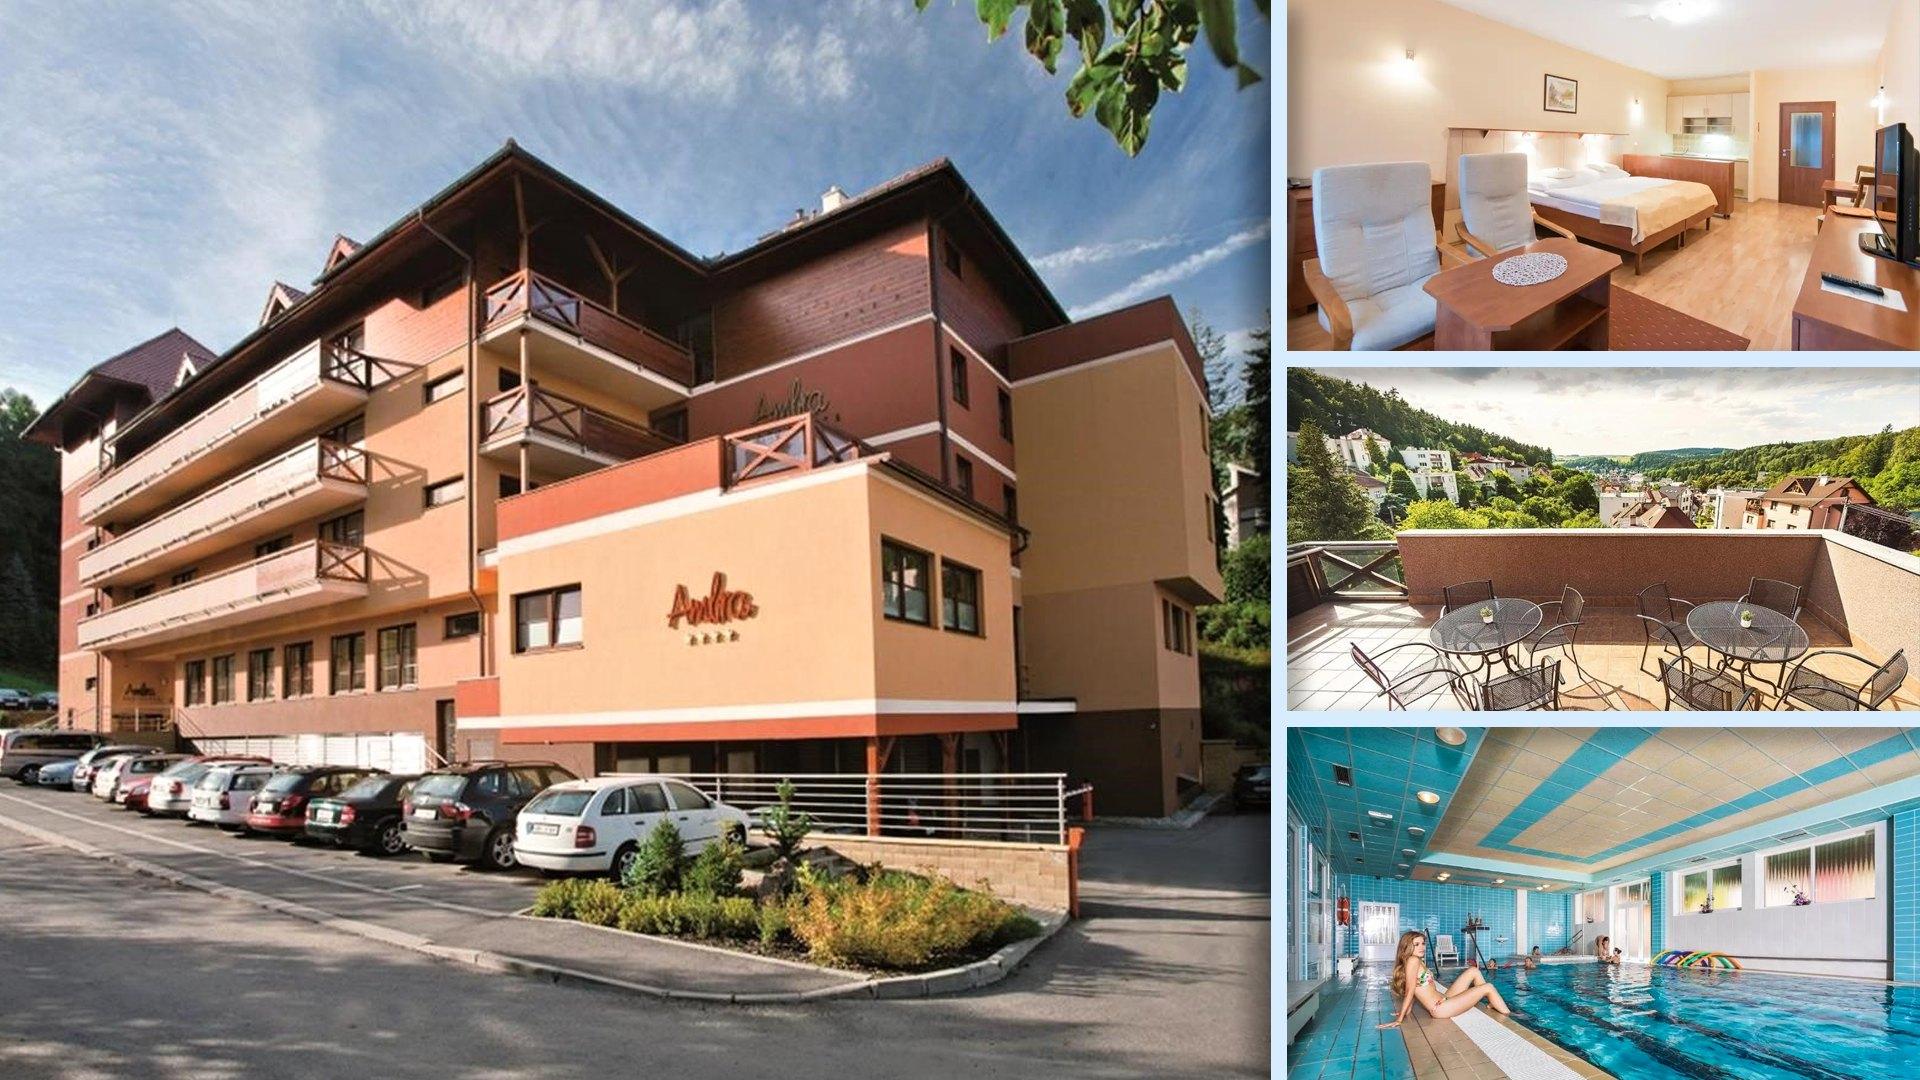 Wellness hotel Ambra v nejklidnější části Luhačovic